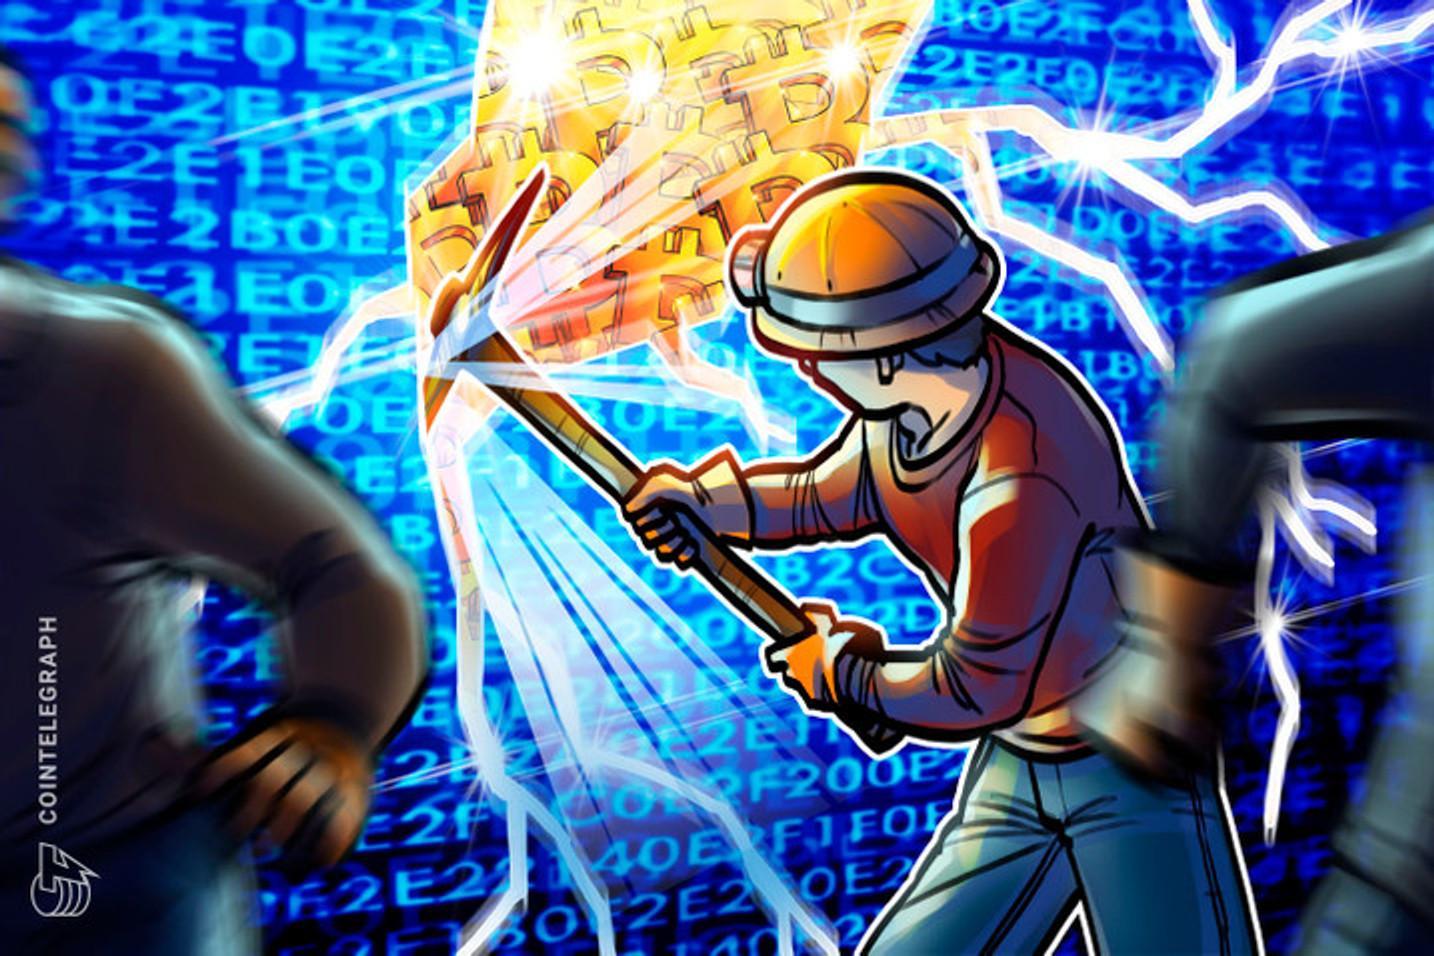 Gigante de mineração de criptomoedas amplia capacidade e investe US$ 30 milhões em GPUs da Nvidia